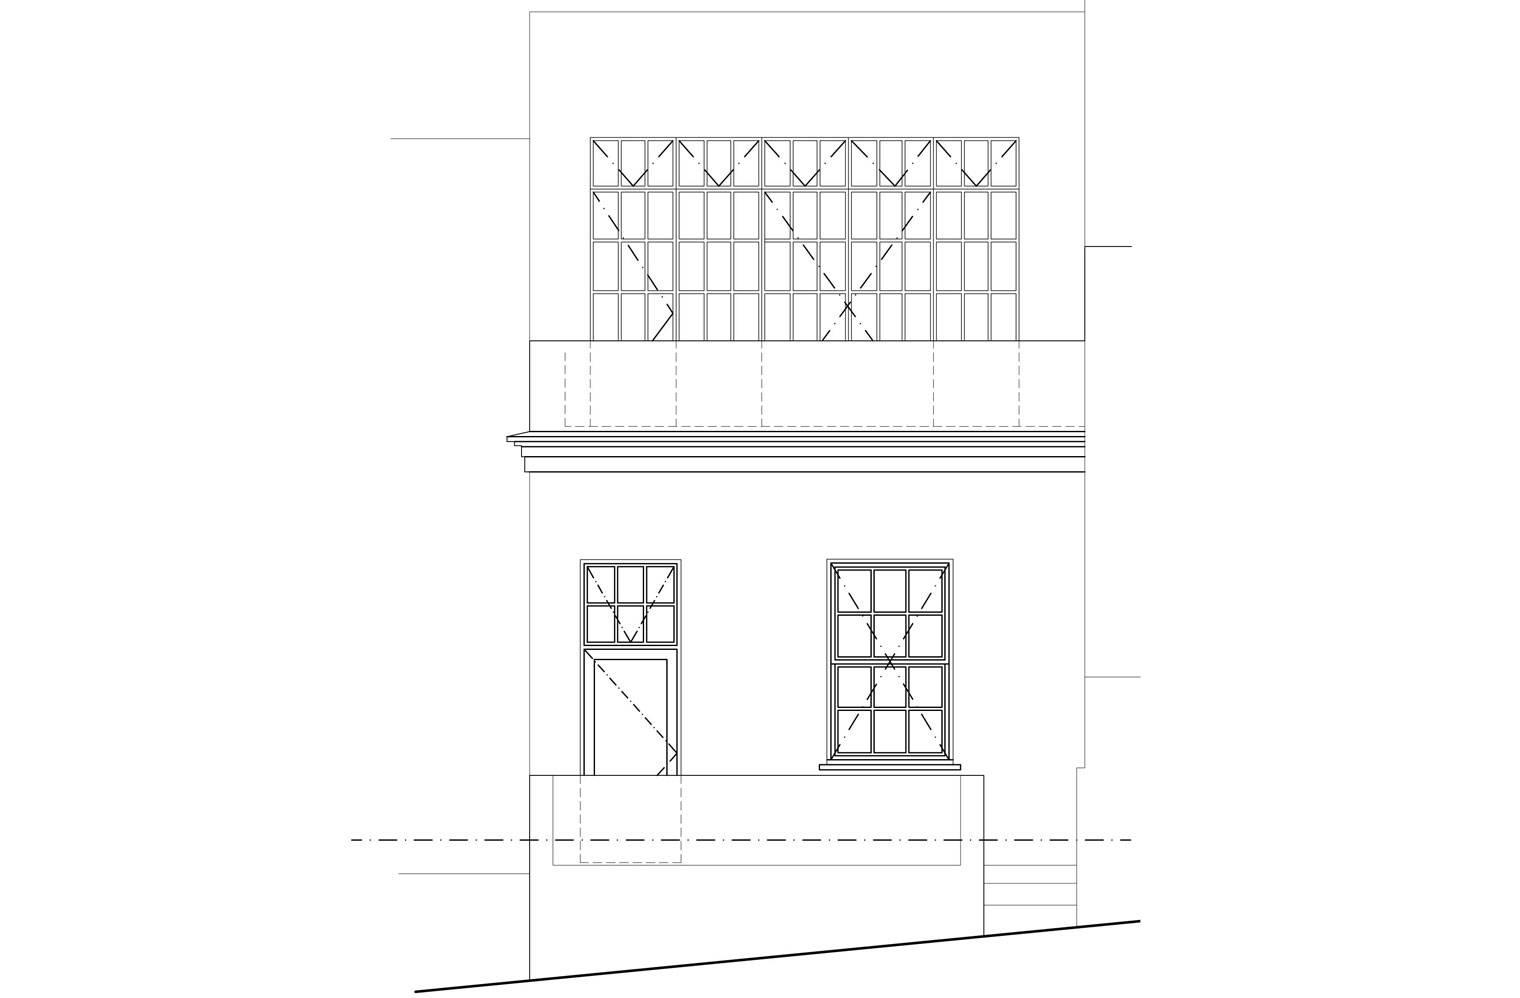 45 Leeuwen Street - Street Elevation